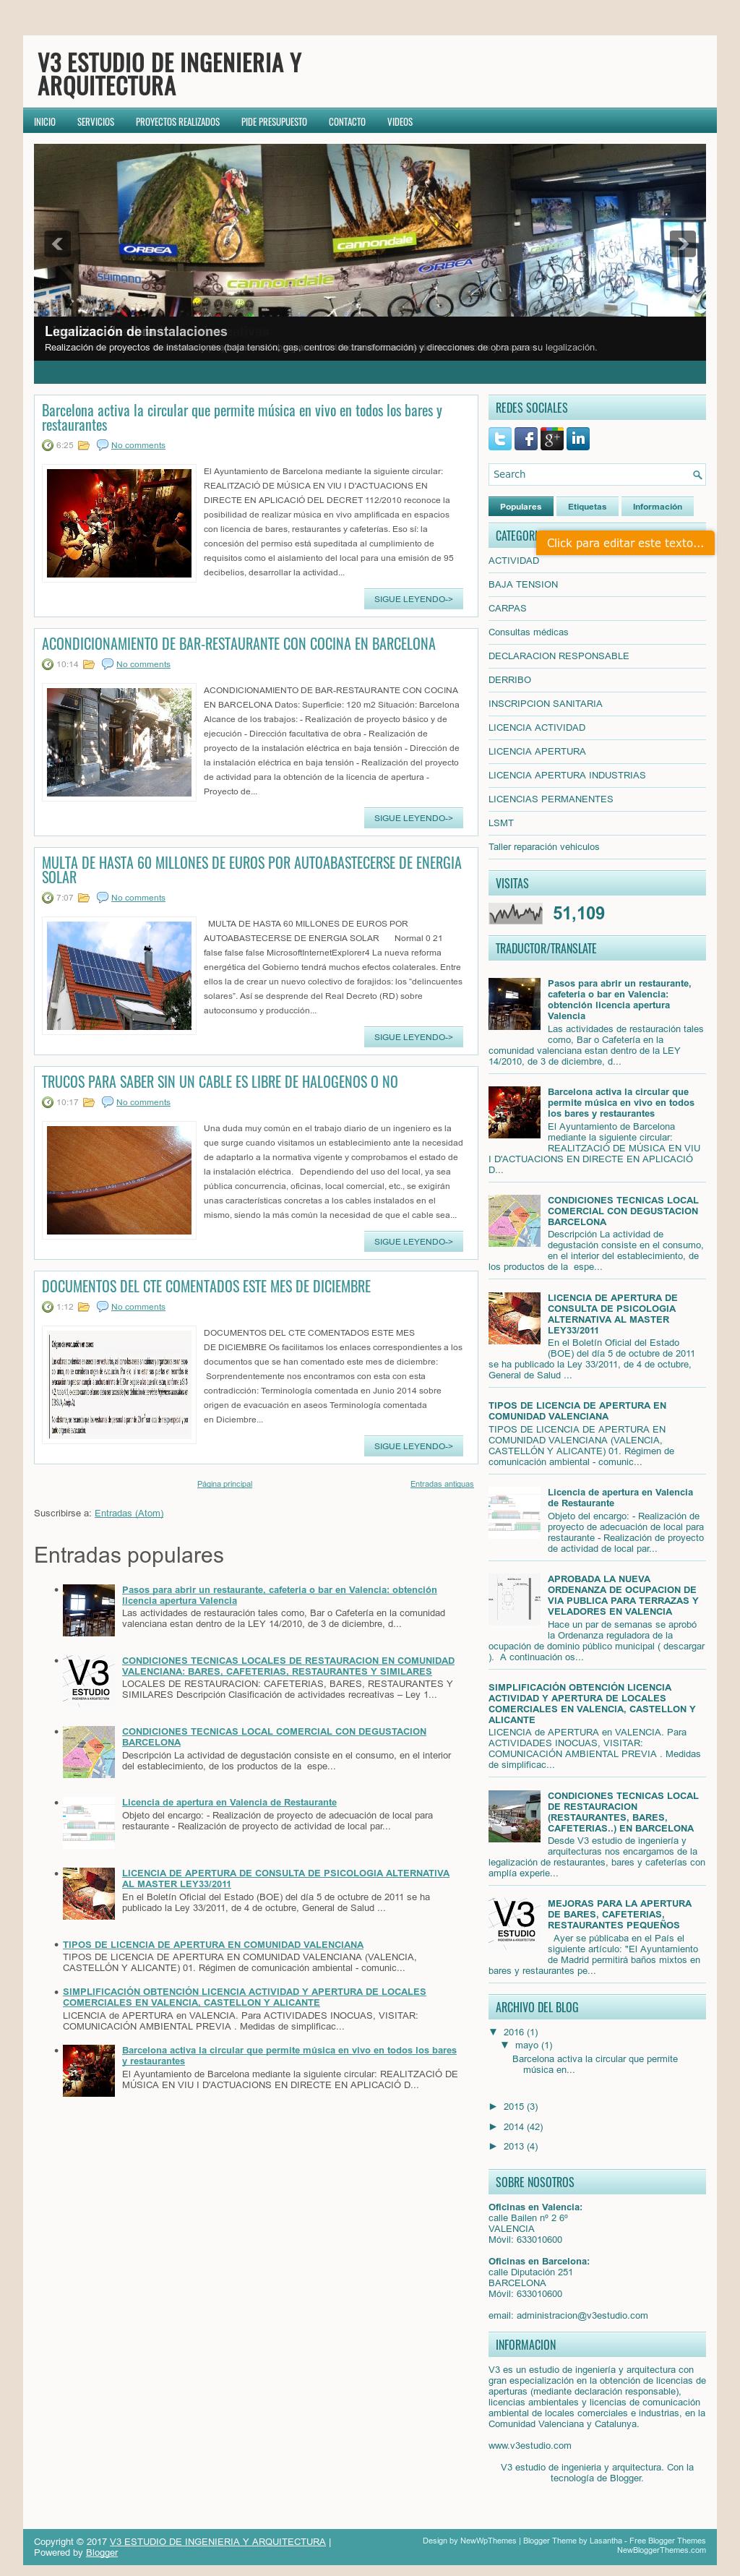 V3 Estudio De Ingenieria Y Arquitectura Competitors Revenue